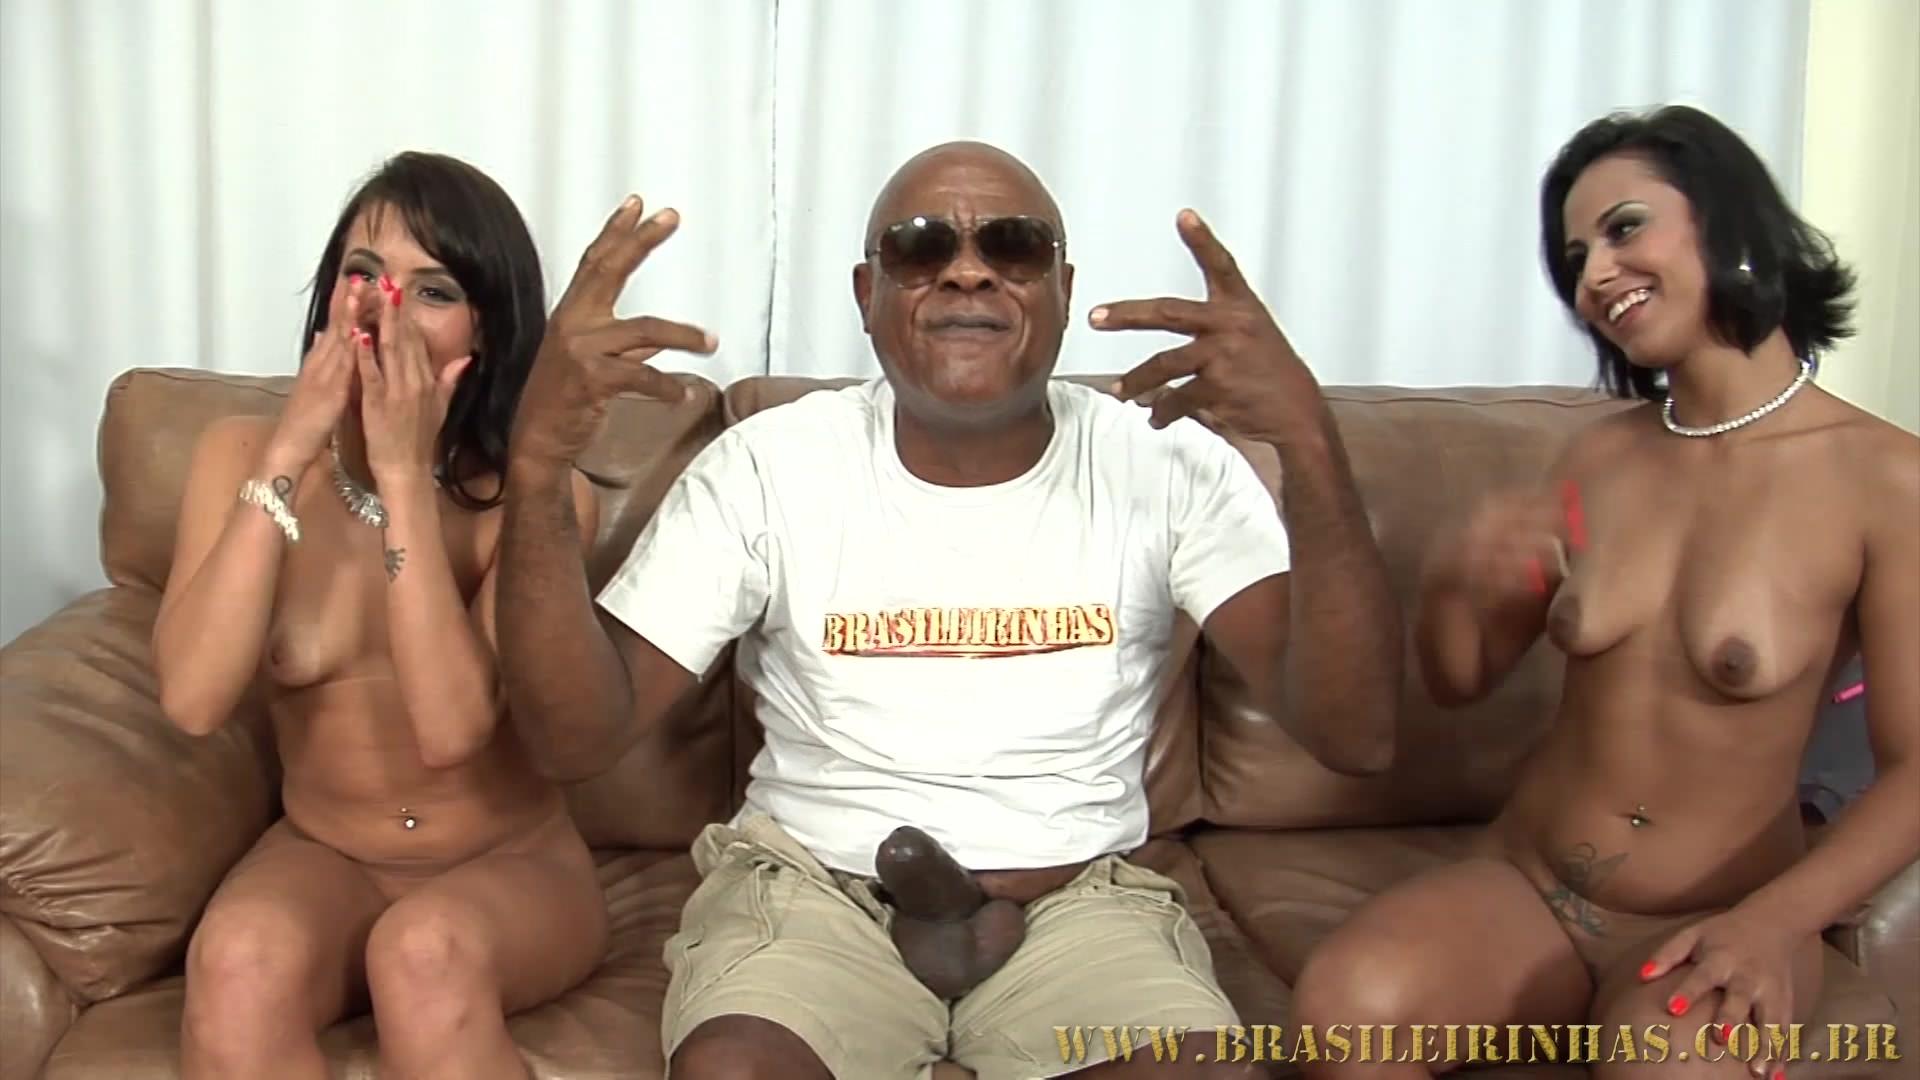 Vídeo pornô de bruna surfistinha  Xvideos  Videos Porno